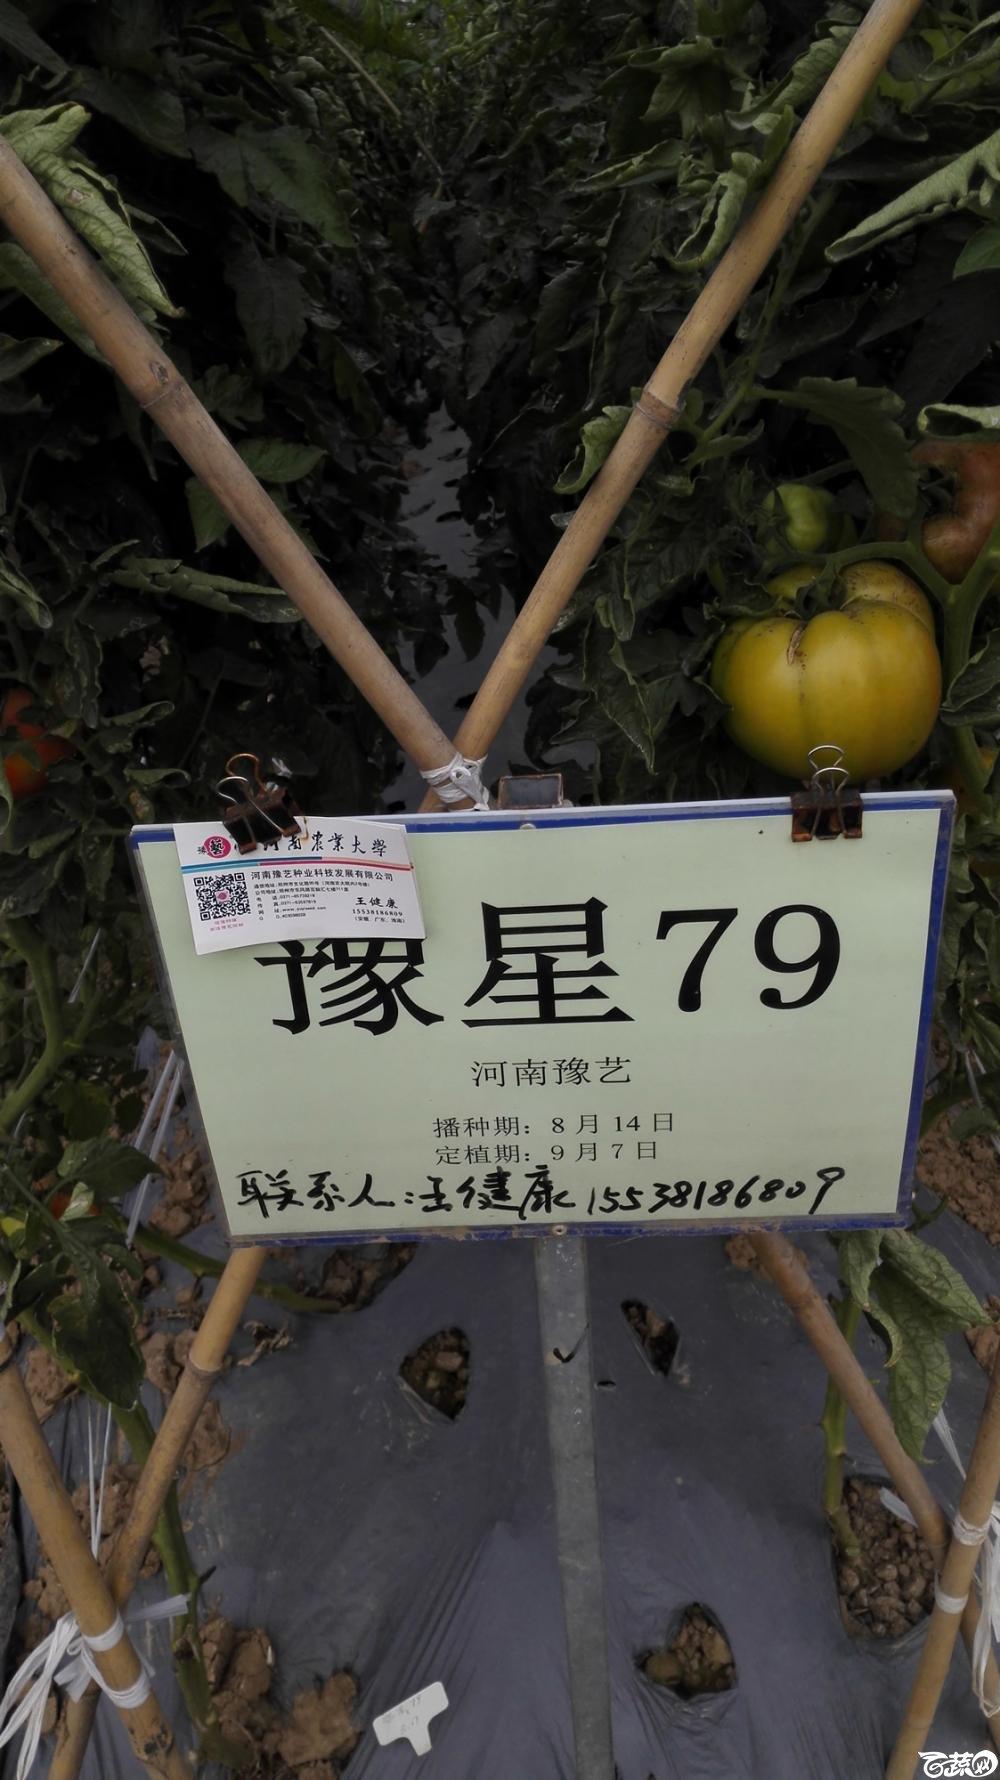 2014年12月8号中山蔬菜新品种展示会_番茄_086.jpg